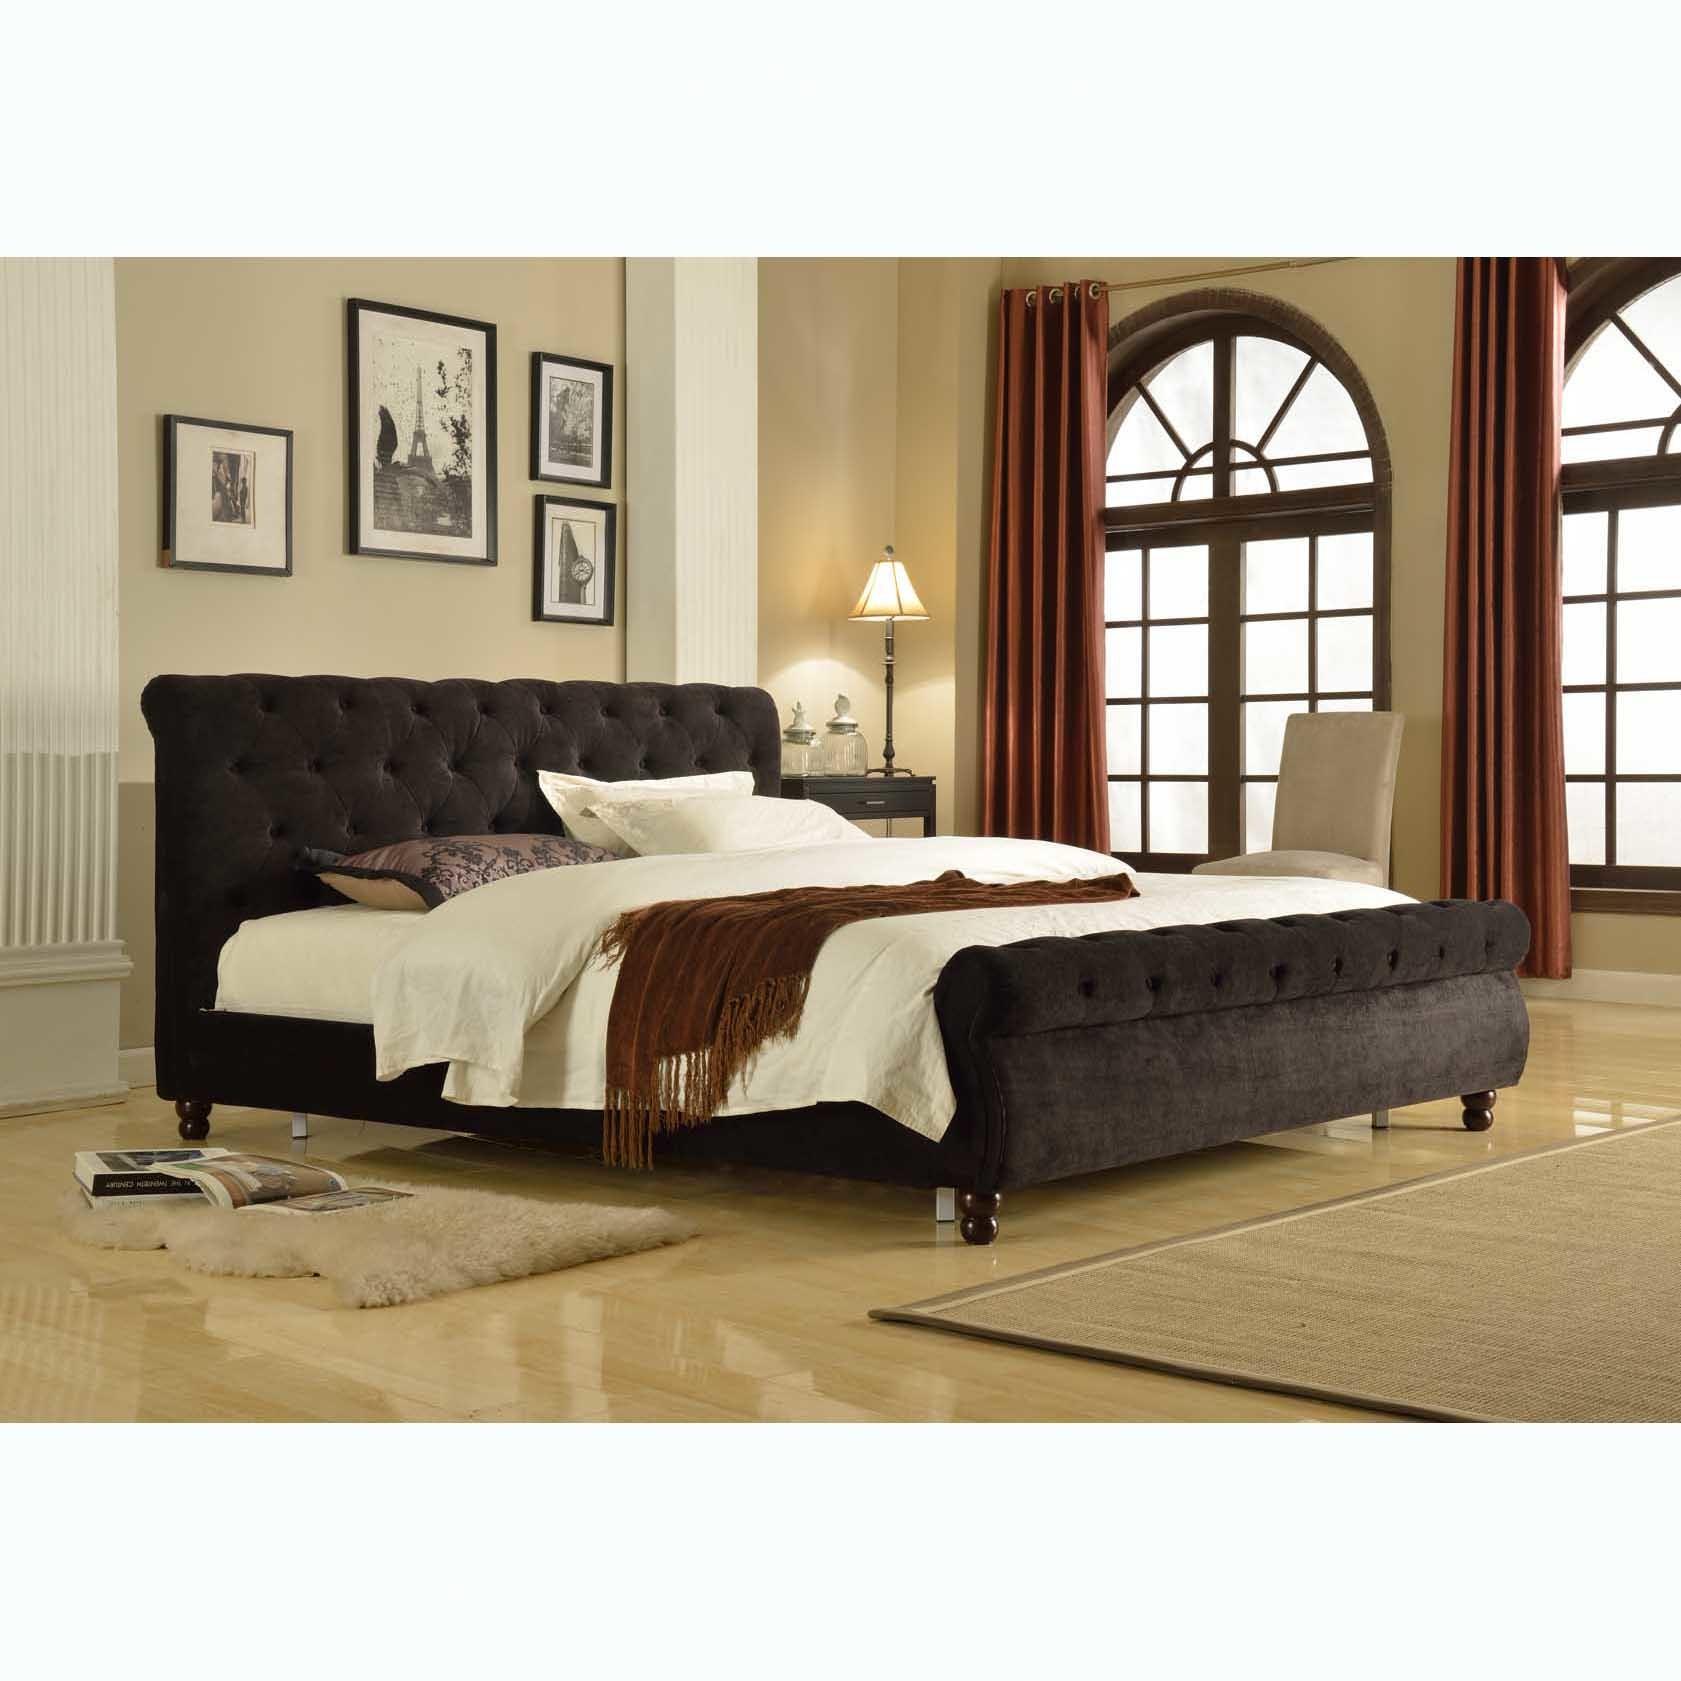 SKU #NGUY1072 Black Birmingham Velvet Bed Frame Is Also Sometimes Listed  Under The Following Manufacturer Numbers: LONDON K BLACK, LONDON Q BLACK